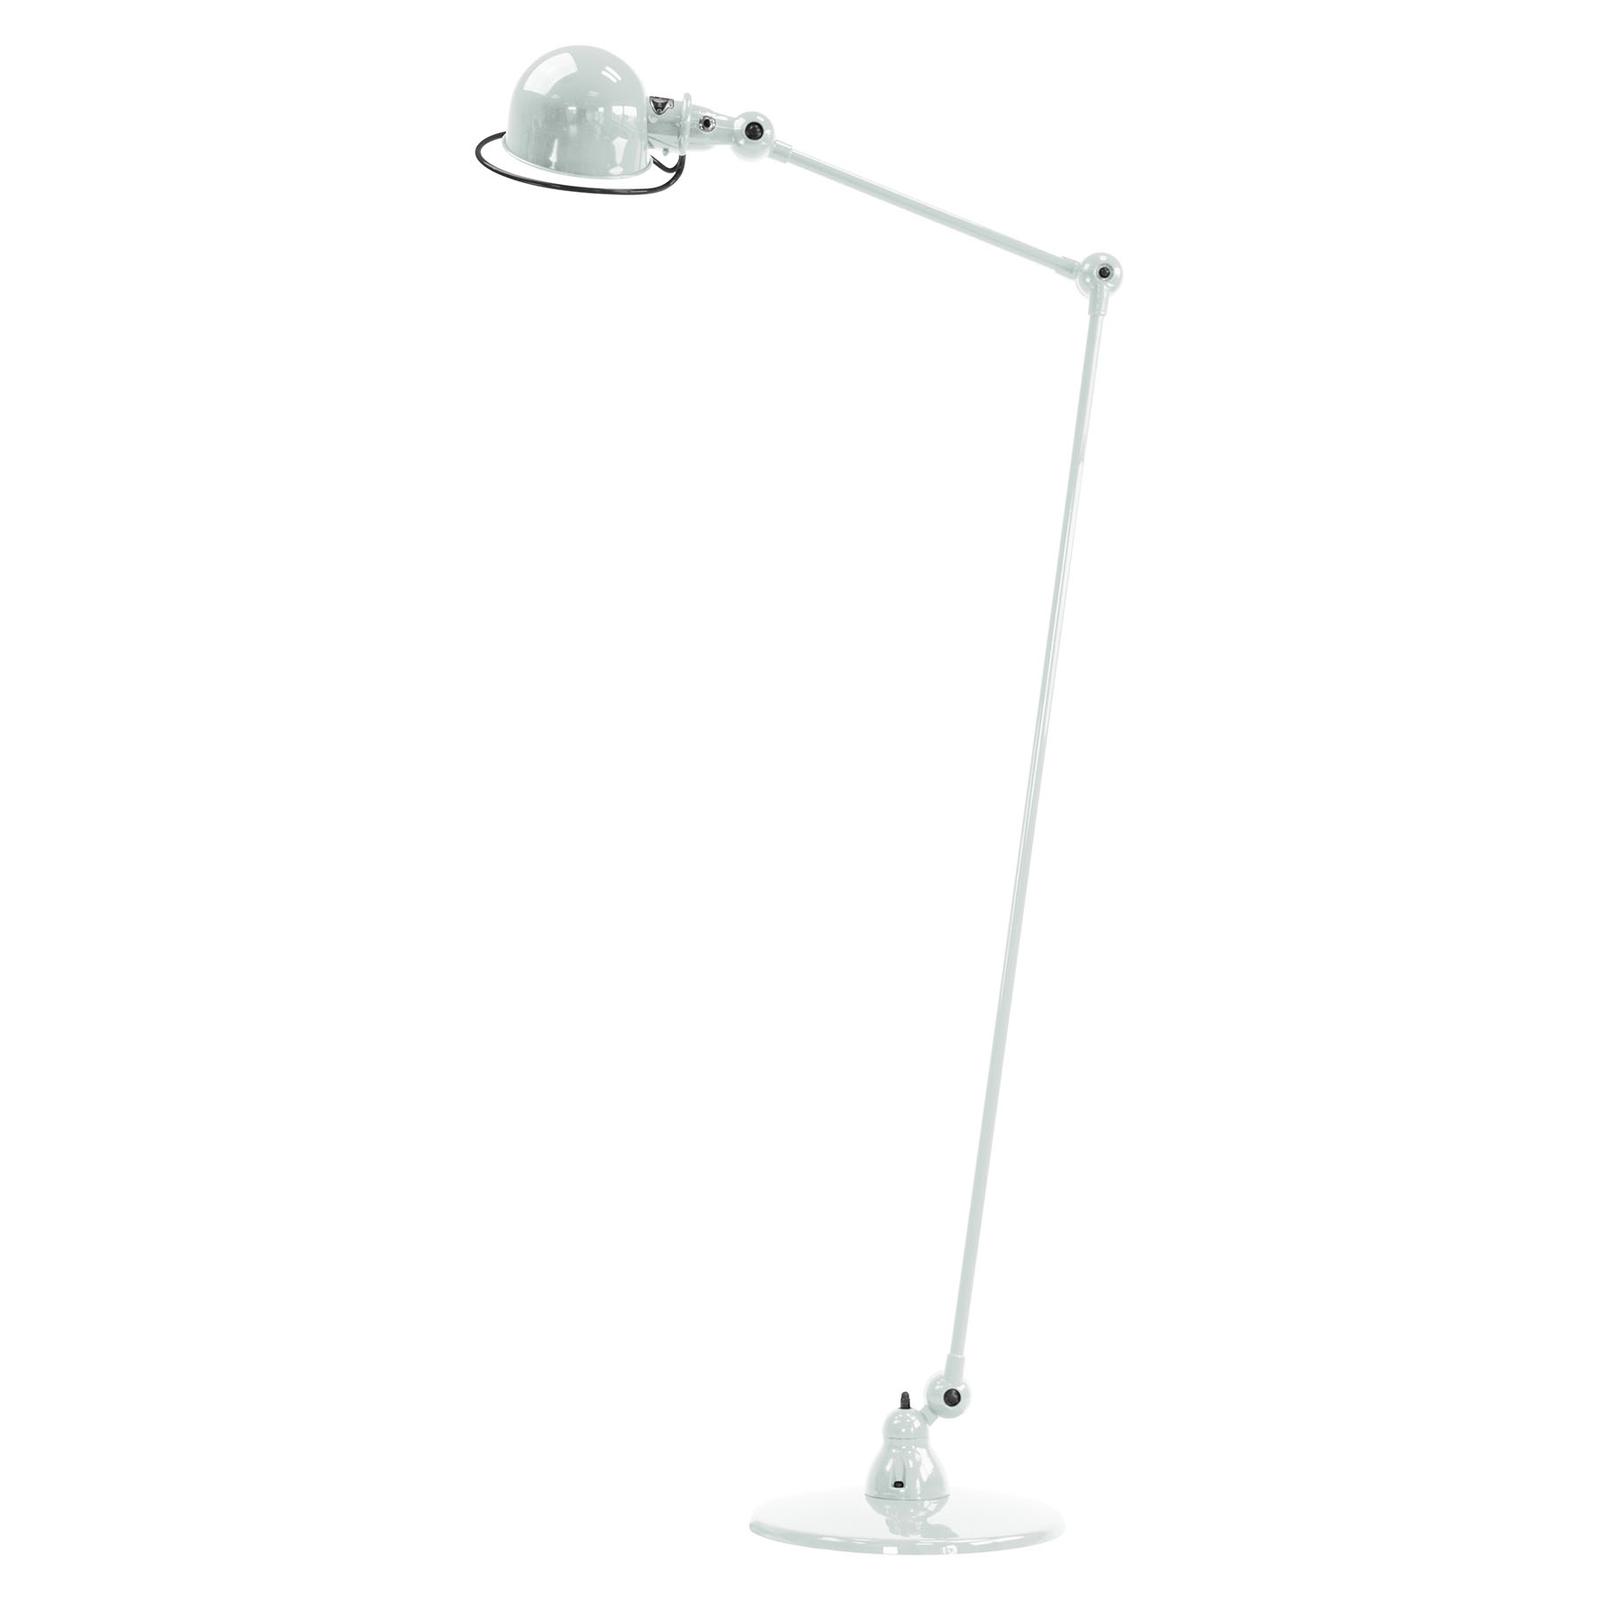 jielde loft d1240 lampadaire bras articule blanc